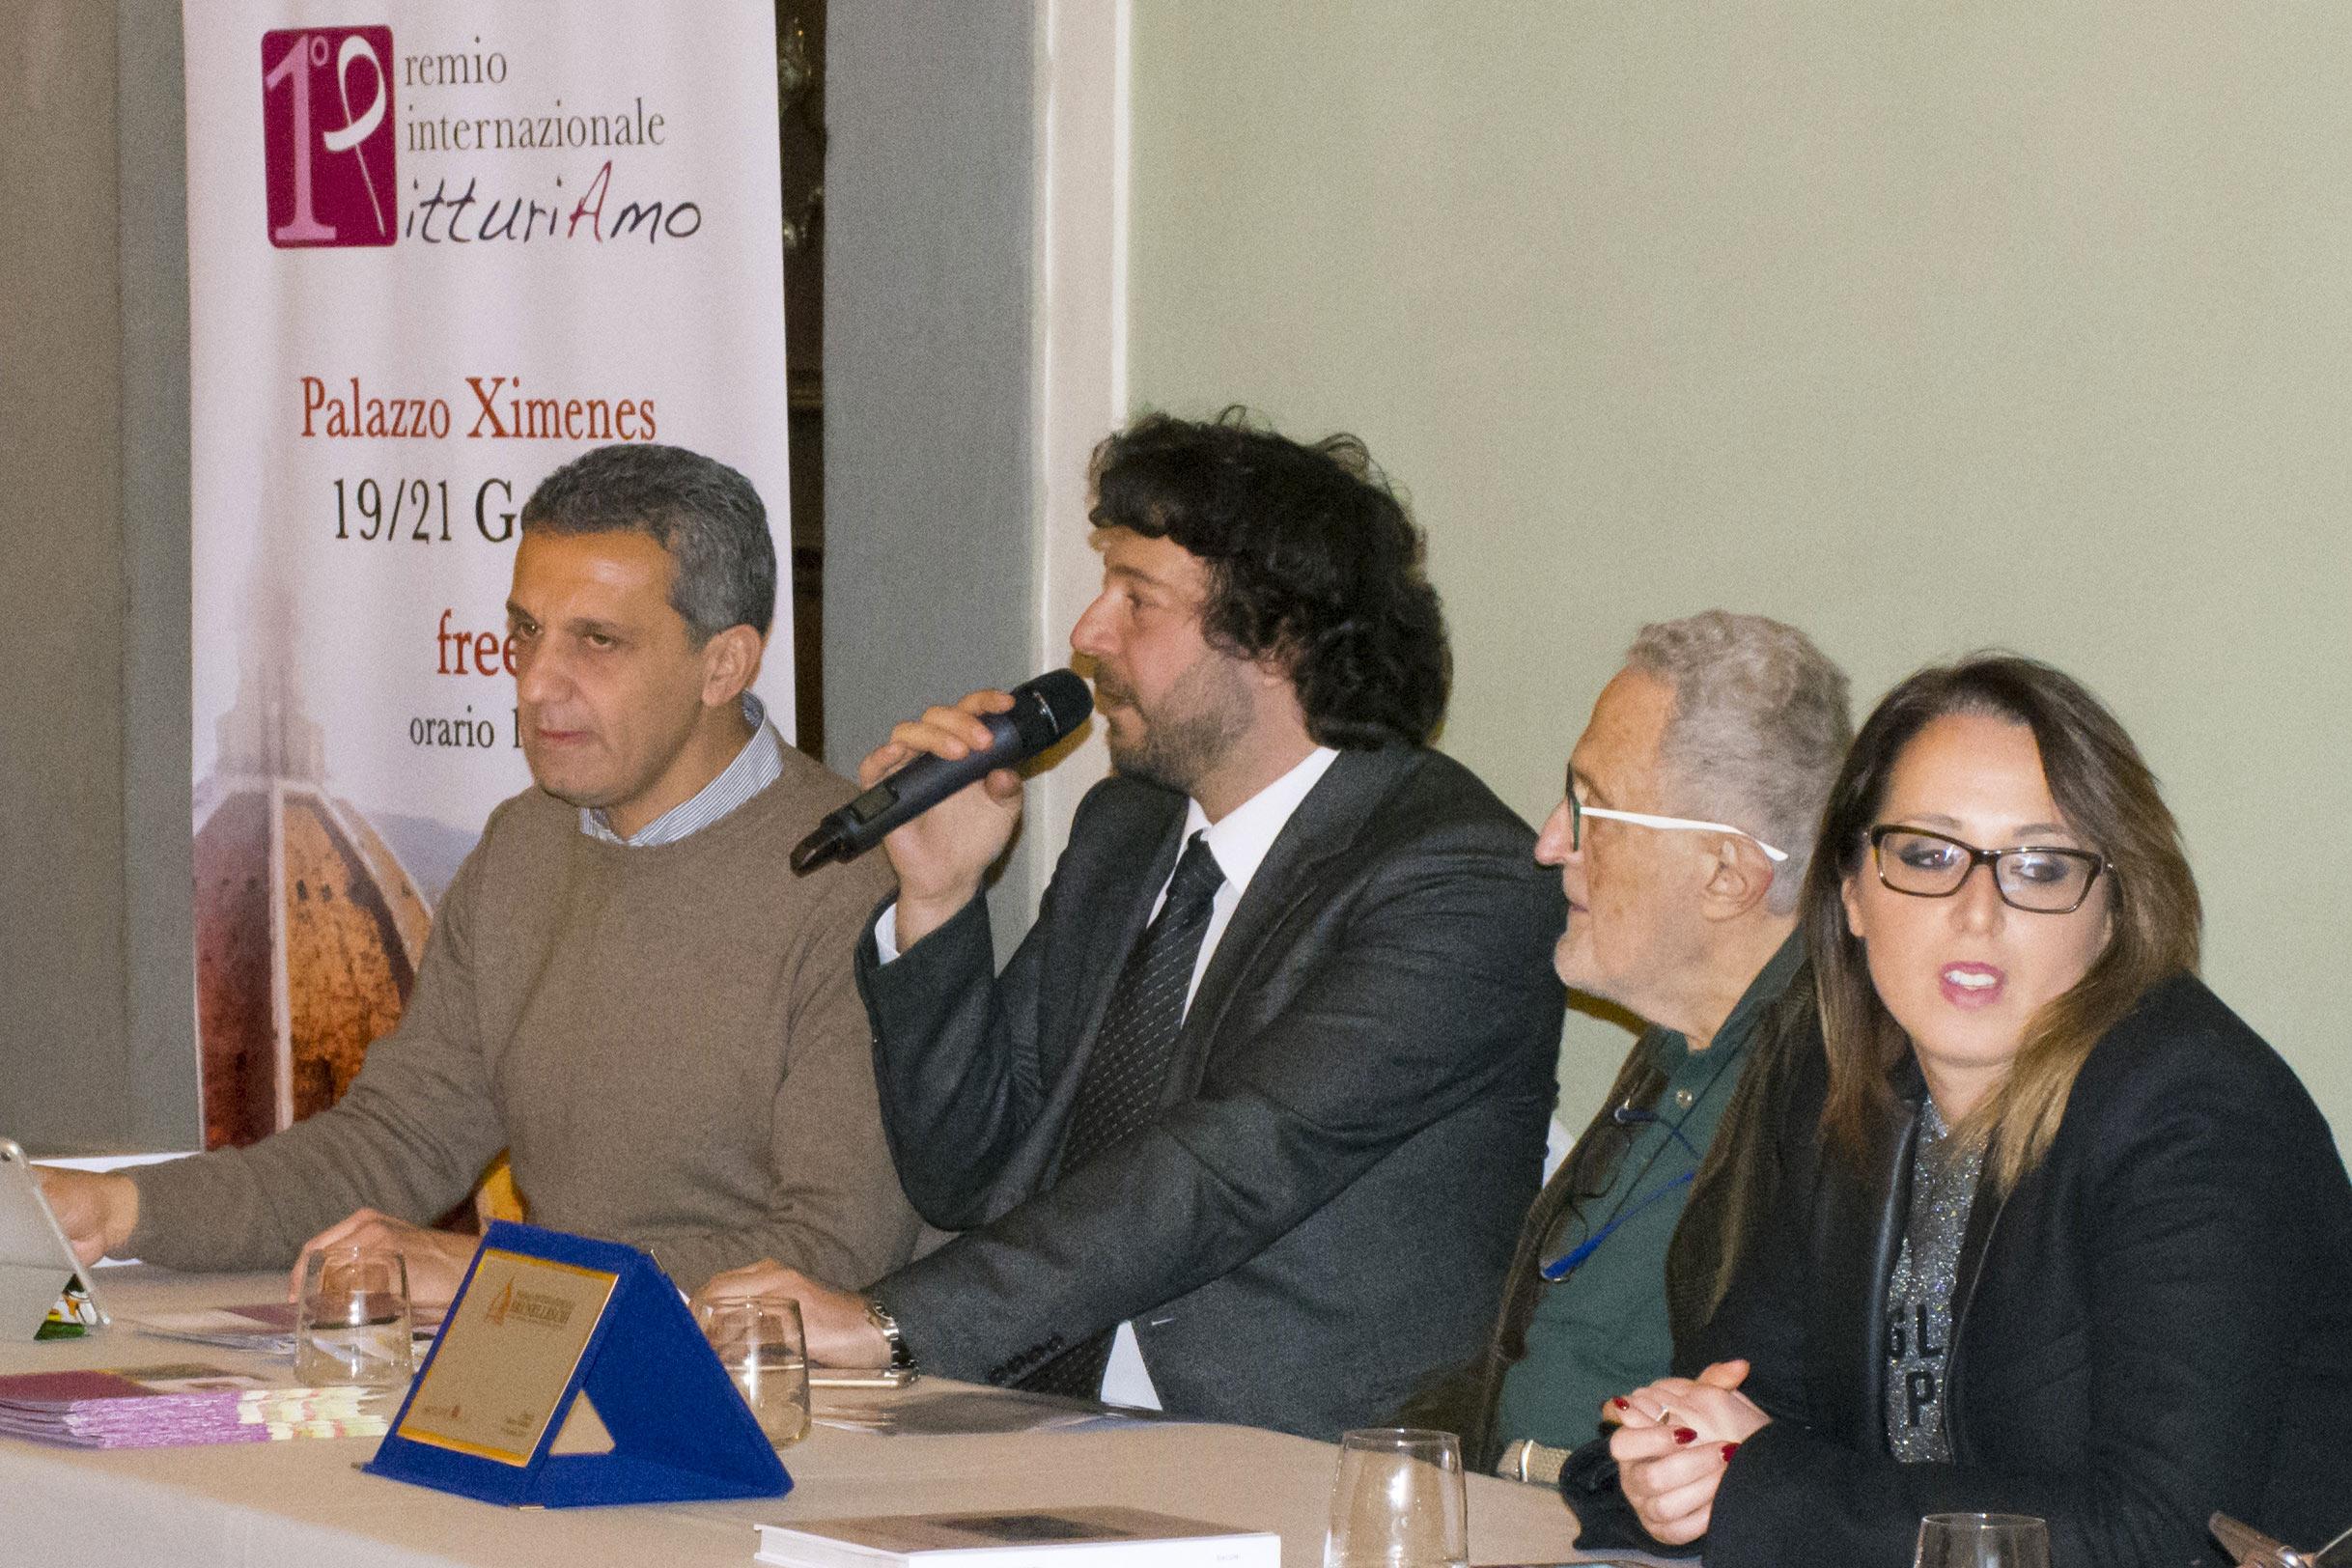 Nino Argentati (PitturiAmo), Sandro Serradifalco (Effetto Arte), Paolo Levi e Serena Carlino al Primo Premio Internazionale PitturiAmo (Firenze)